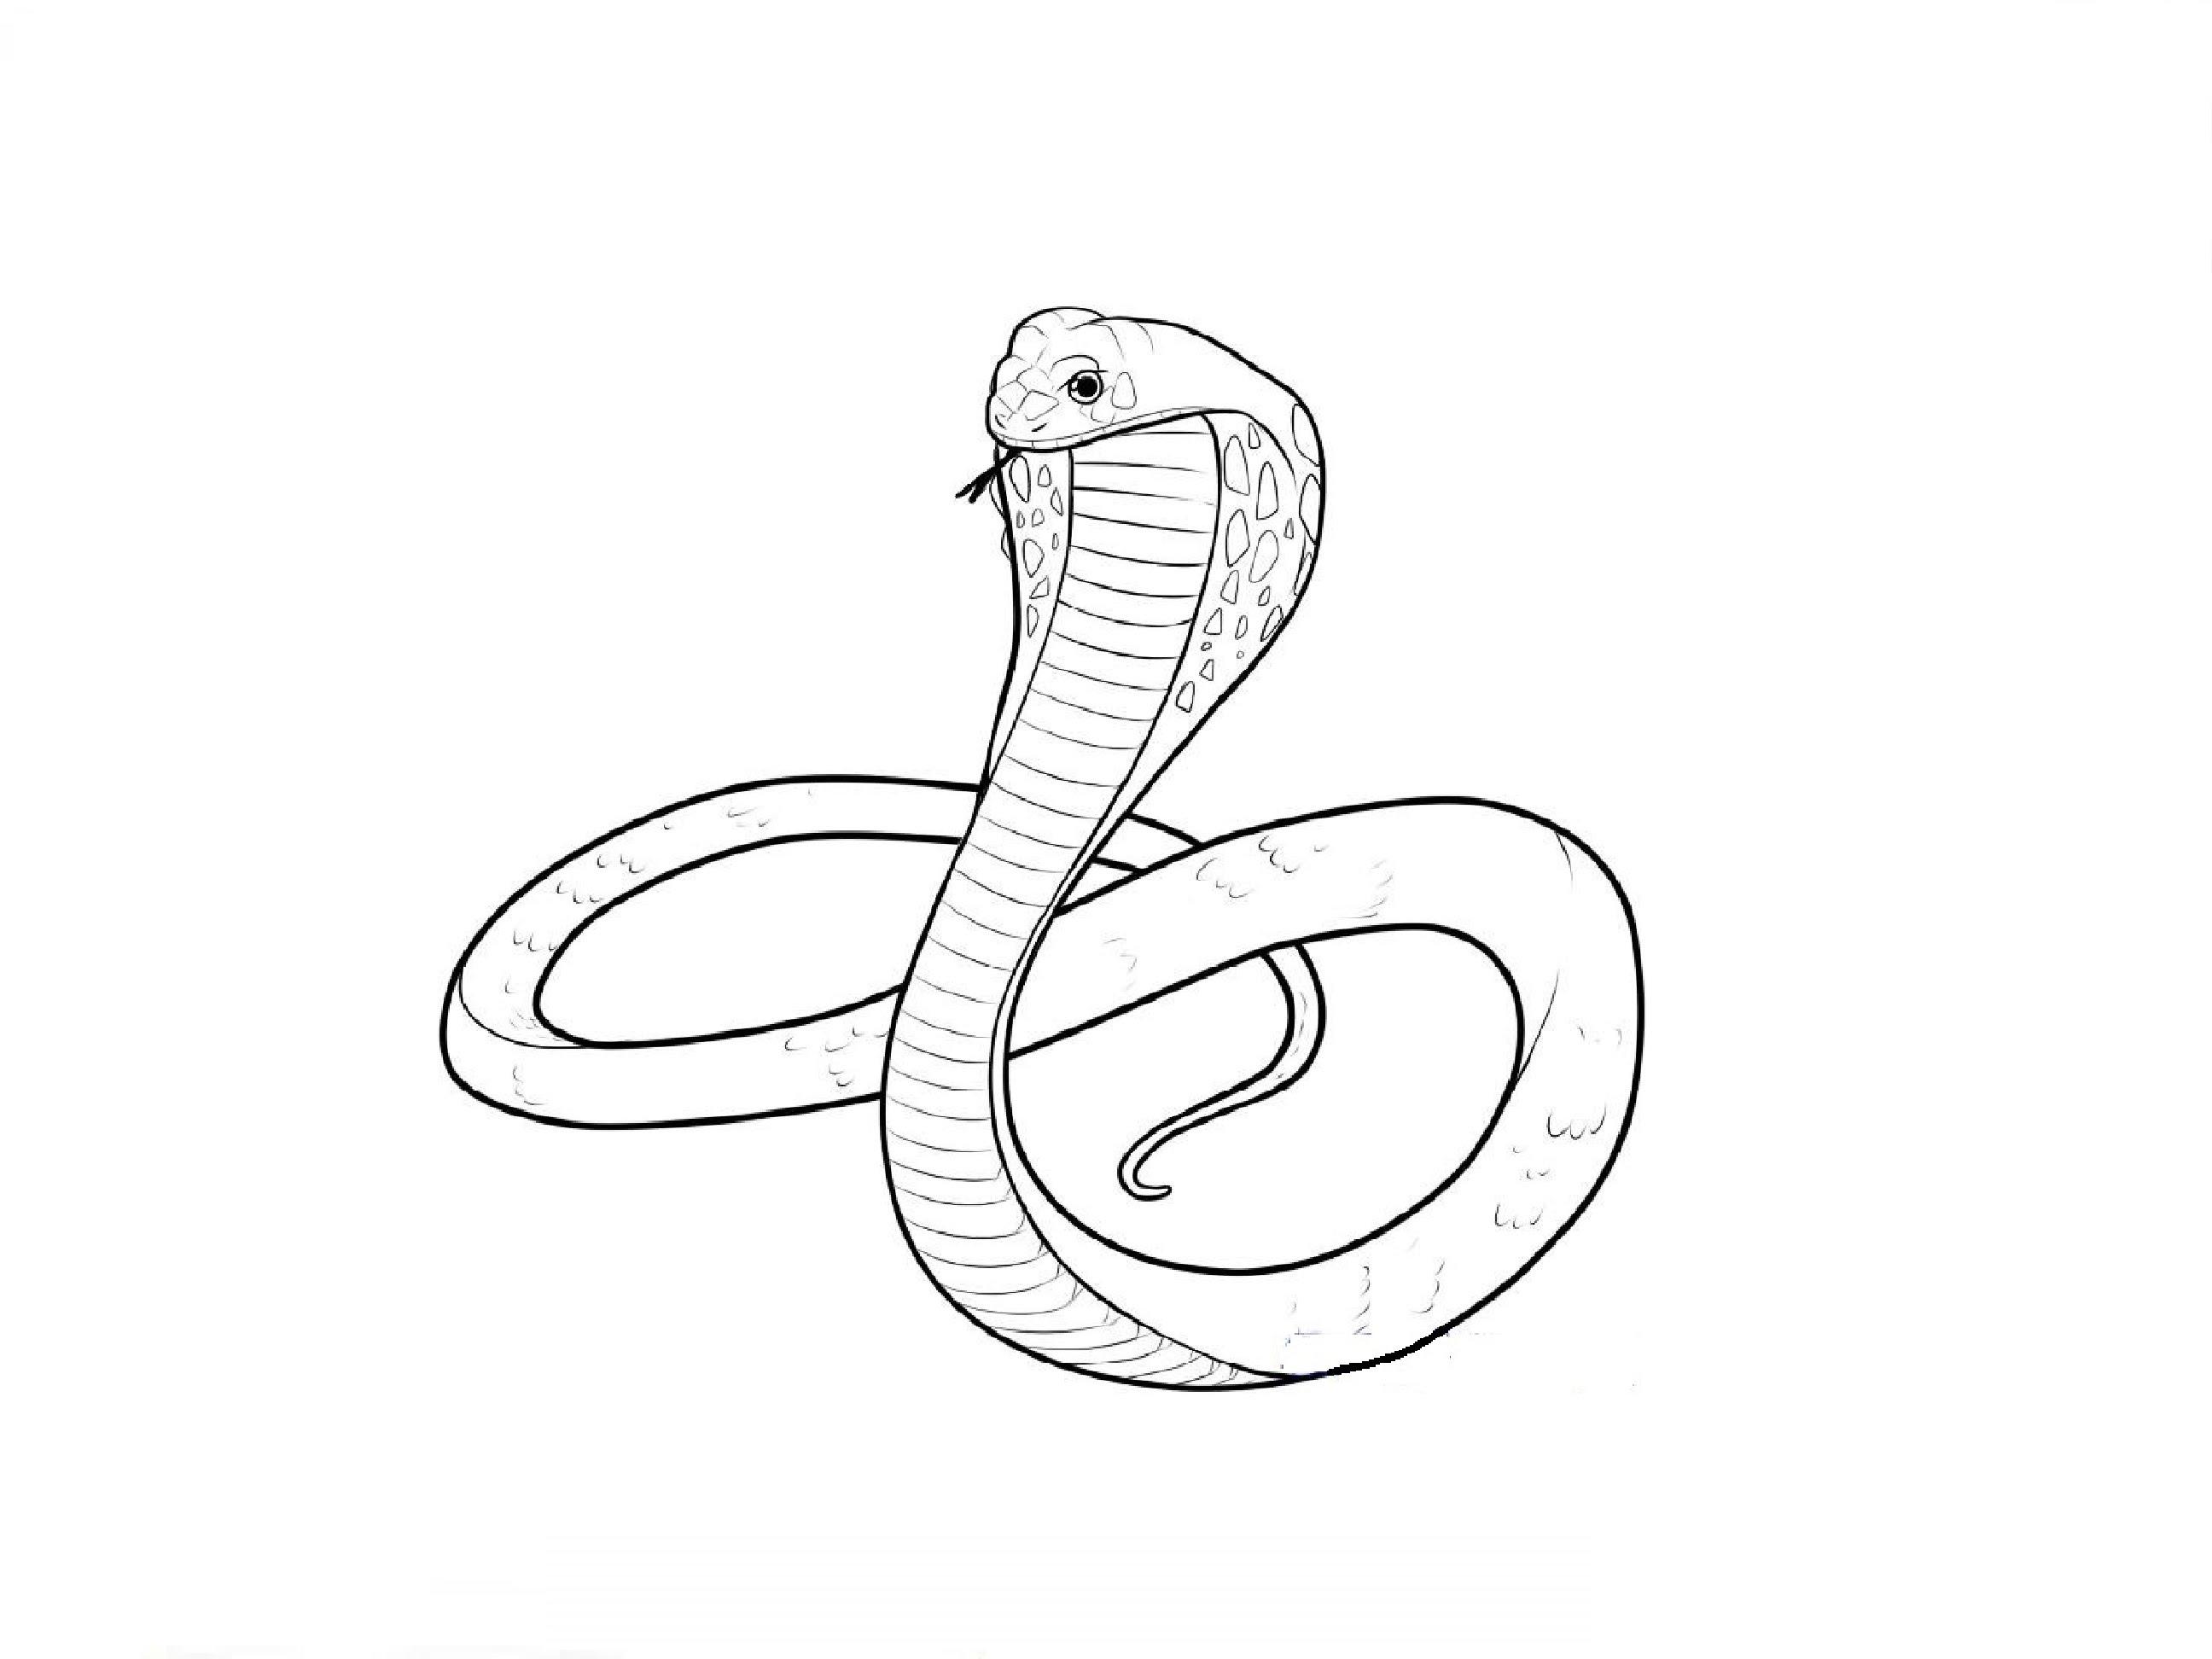 2592x1944 How To Draw A Cobra